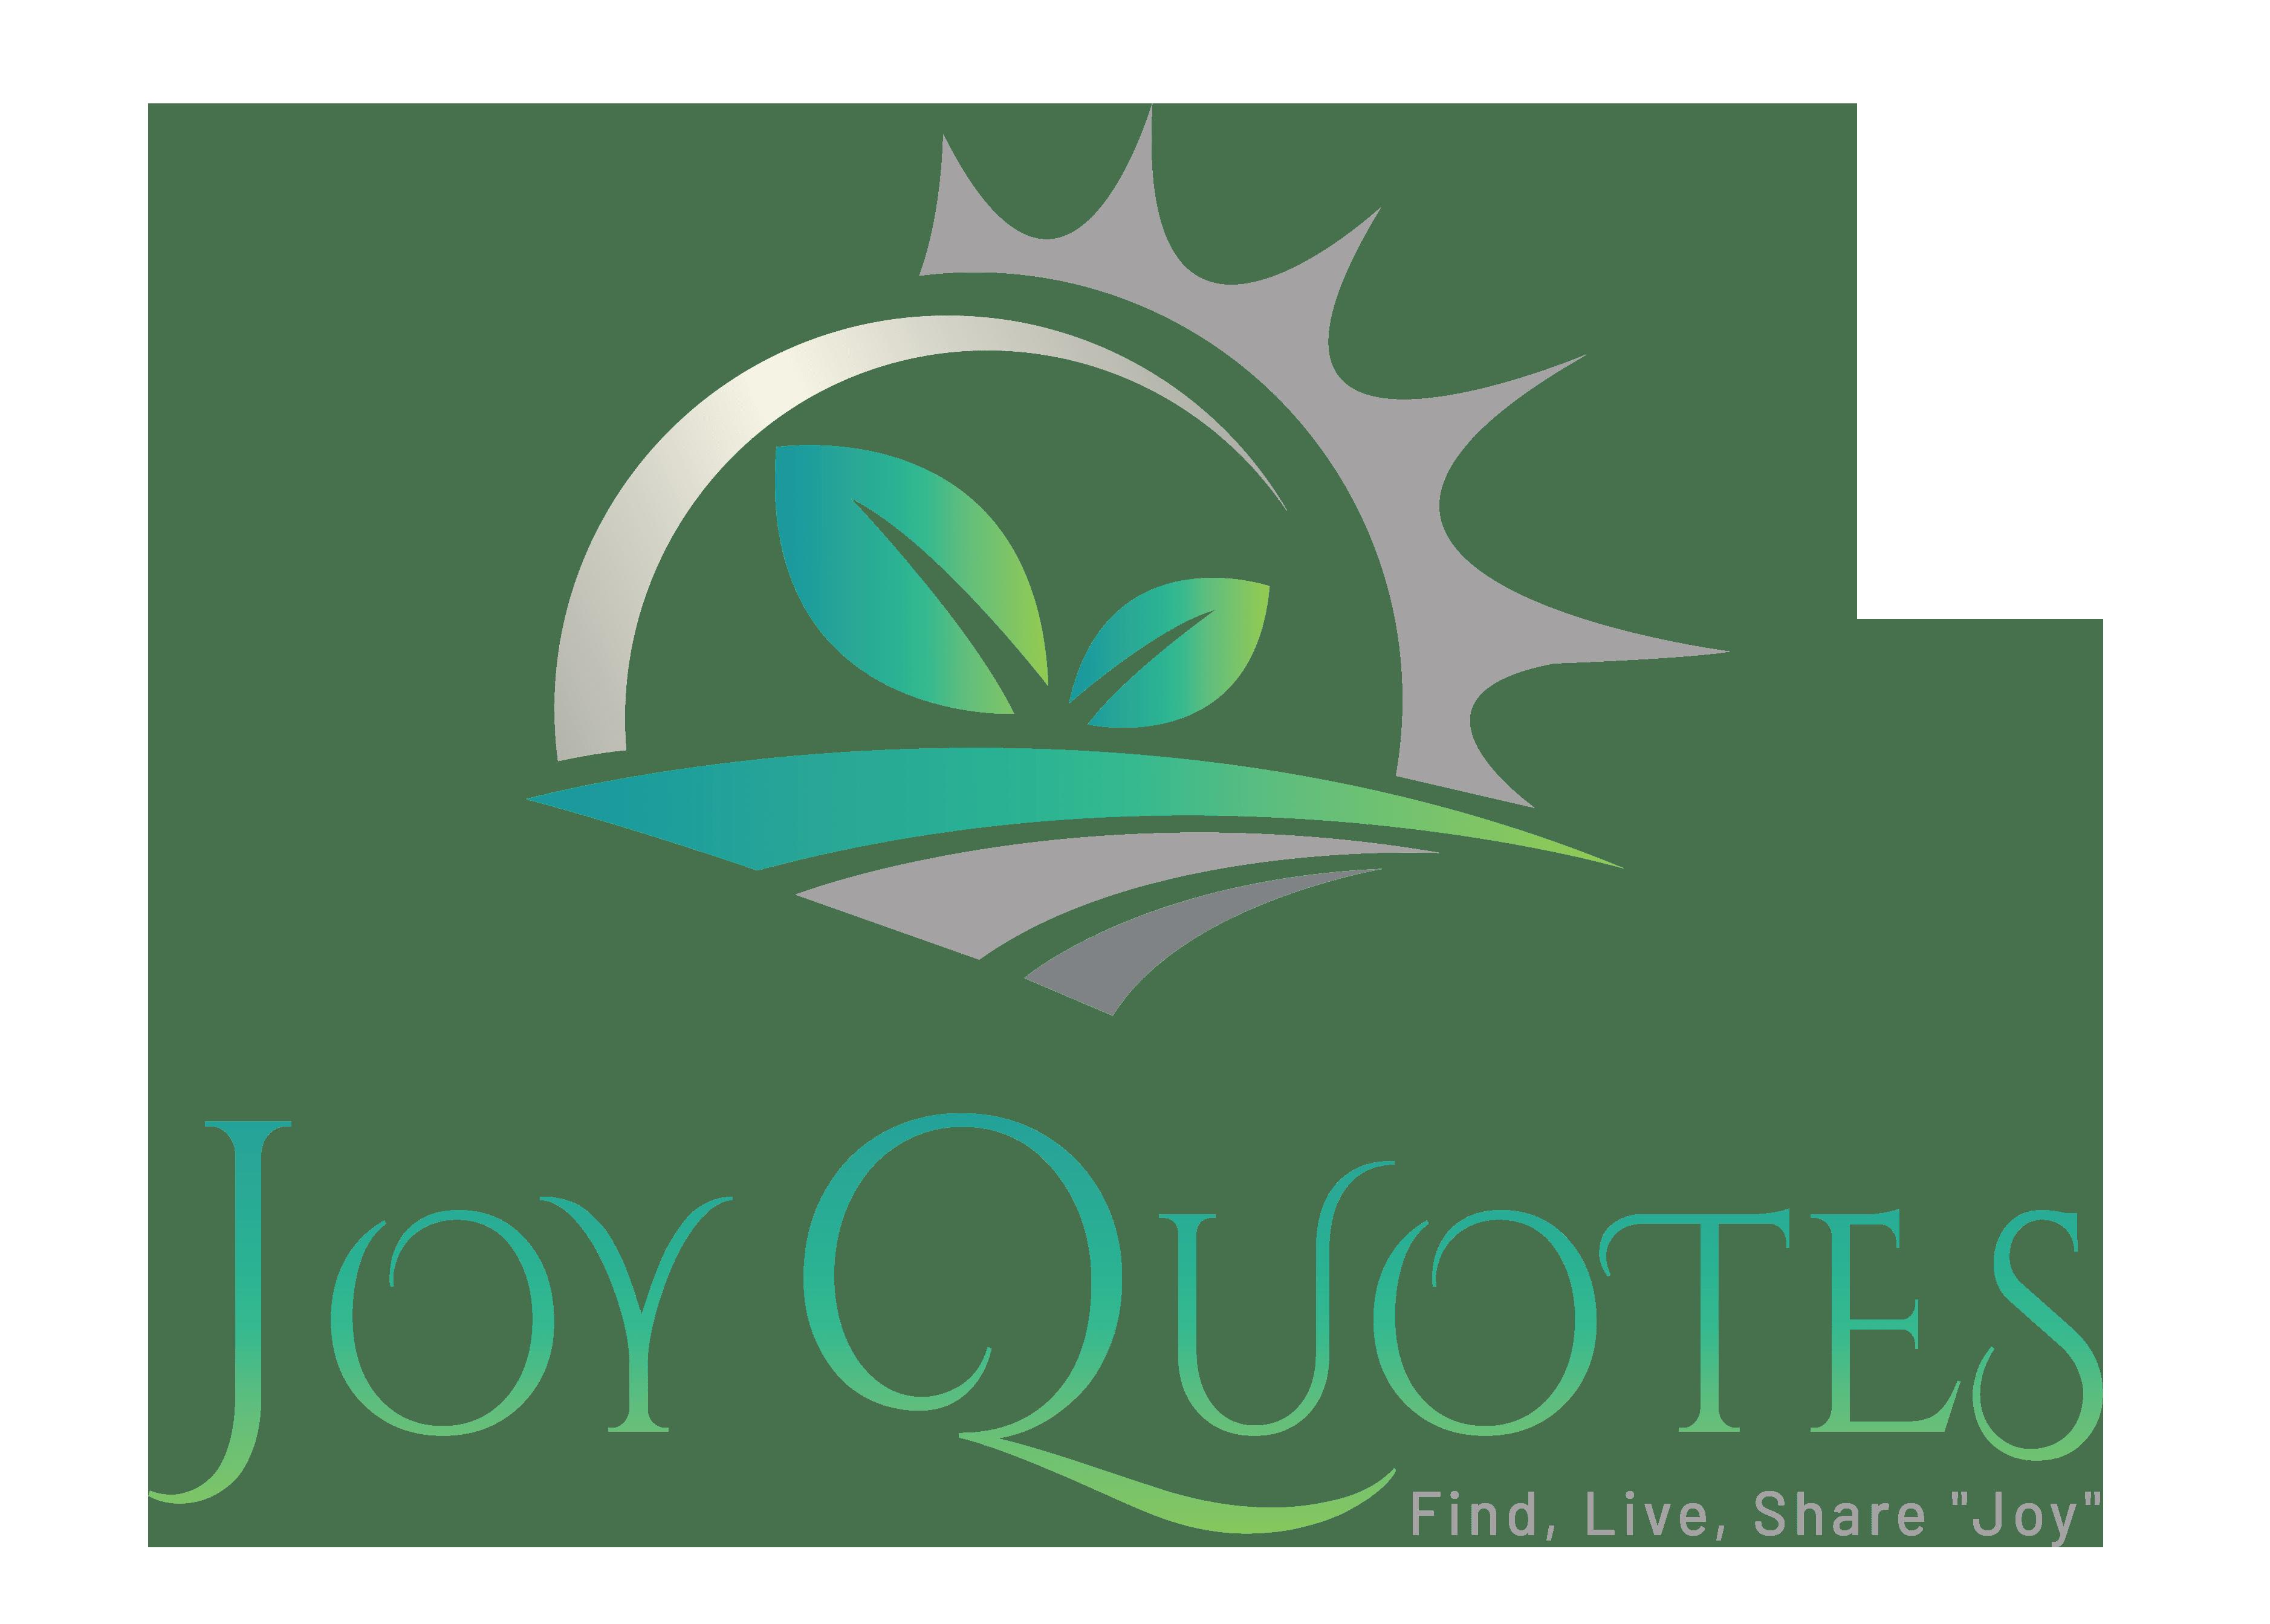 joyquotes